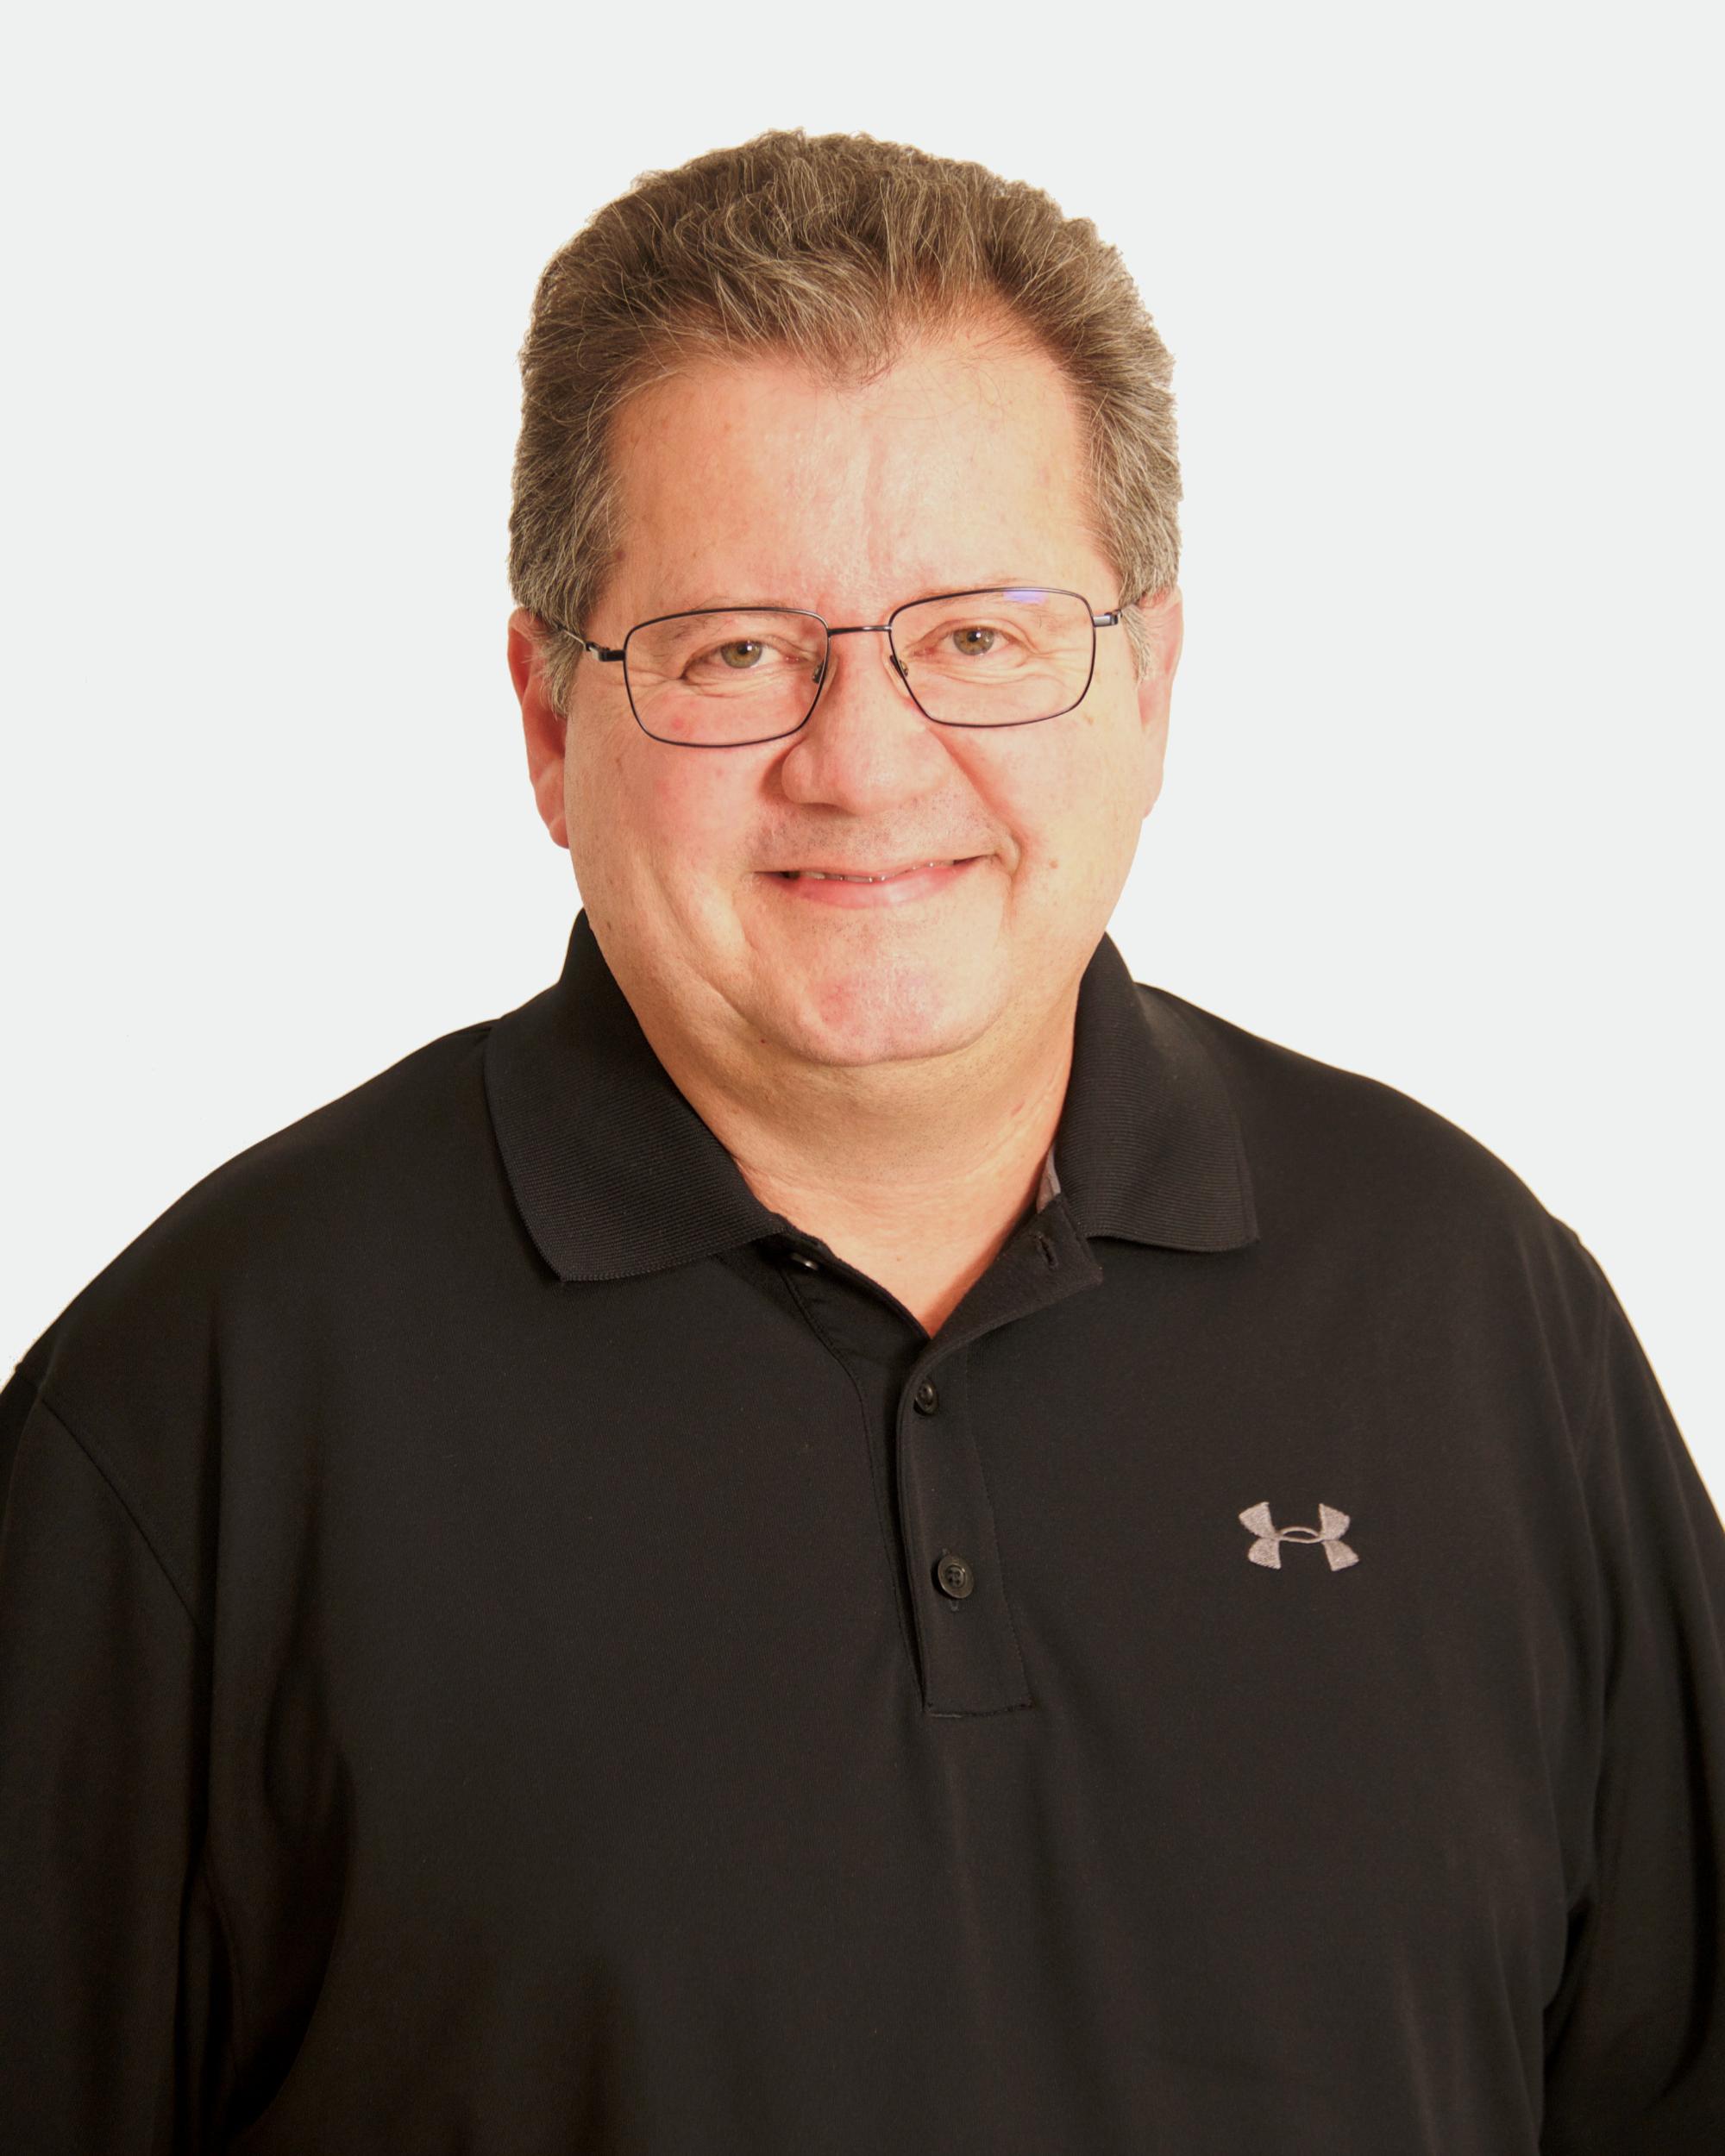 Ing. Hannes Gstöttenbauer, MBA